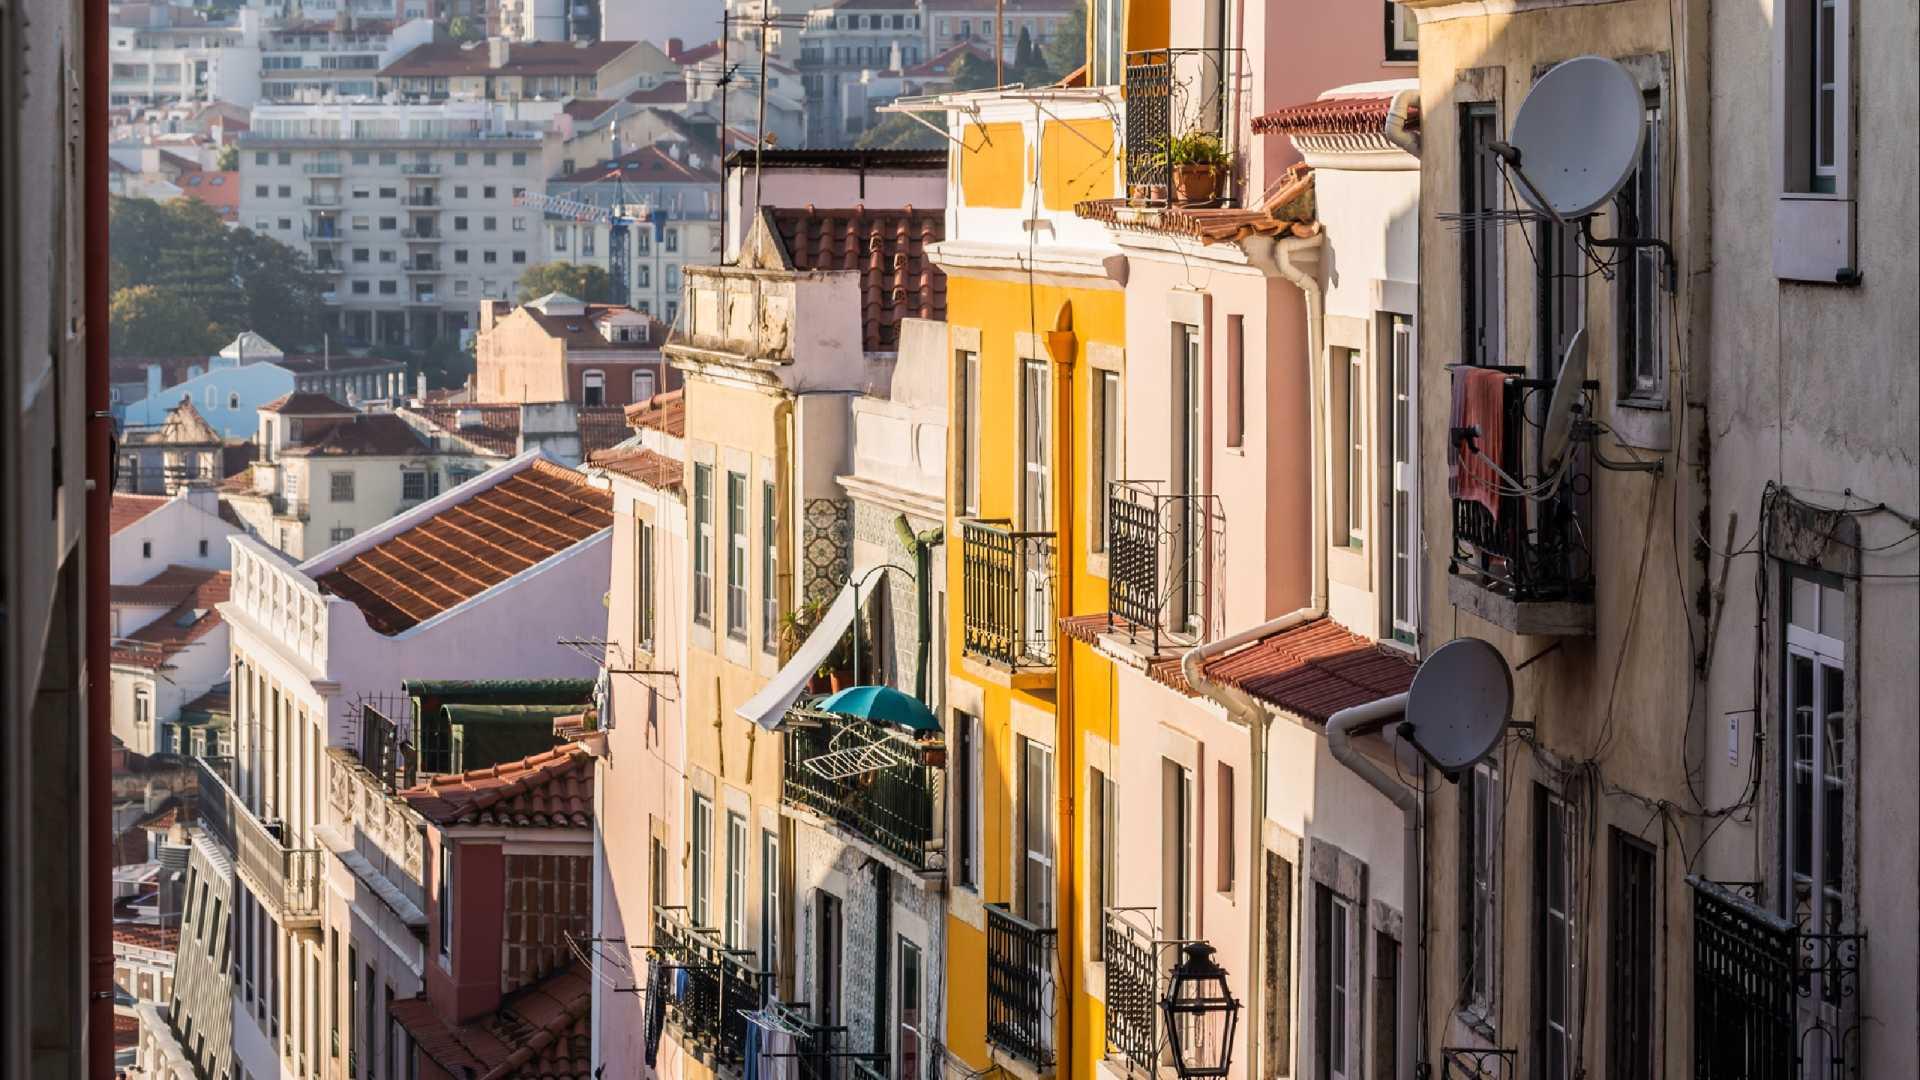 Casas atingem valor bancário mais alto da década - subiram 70 euros por m2 num ano